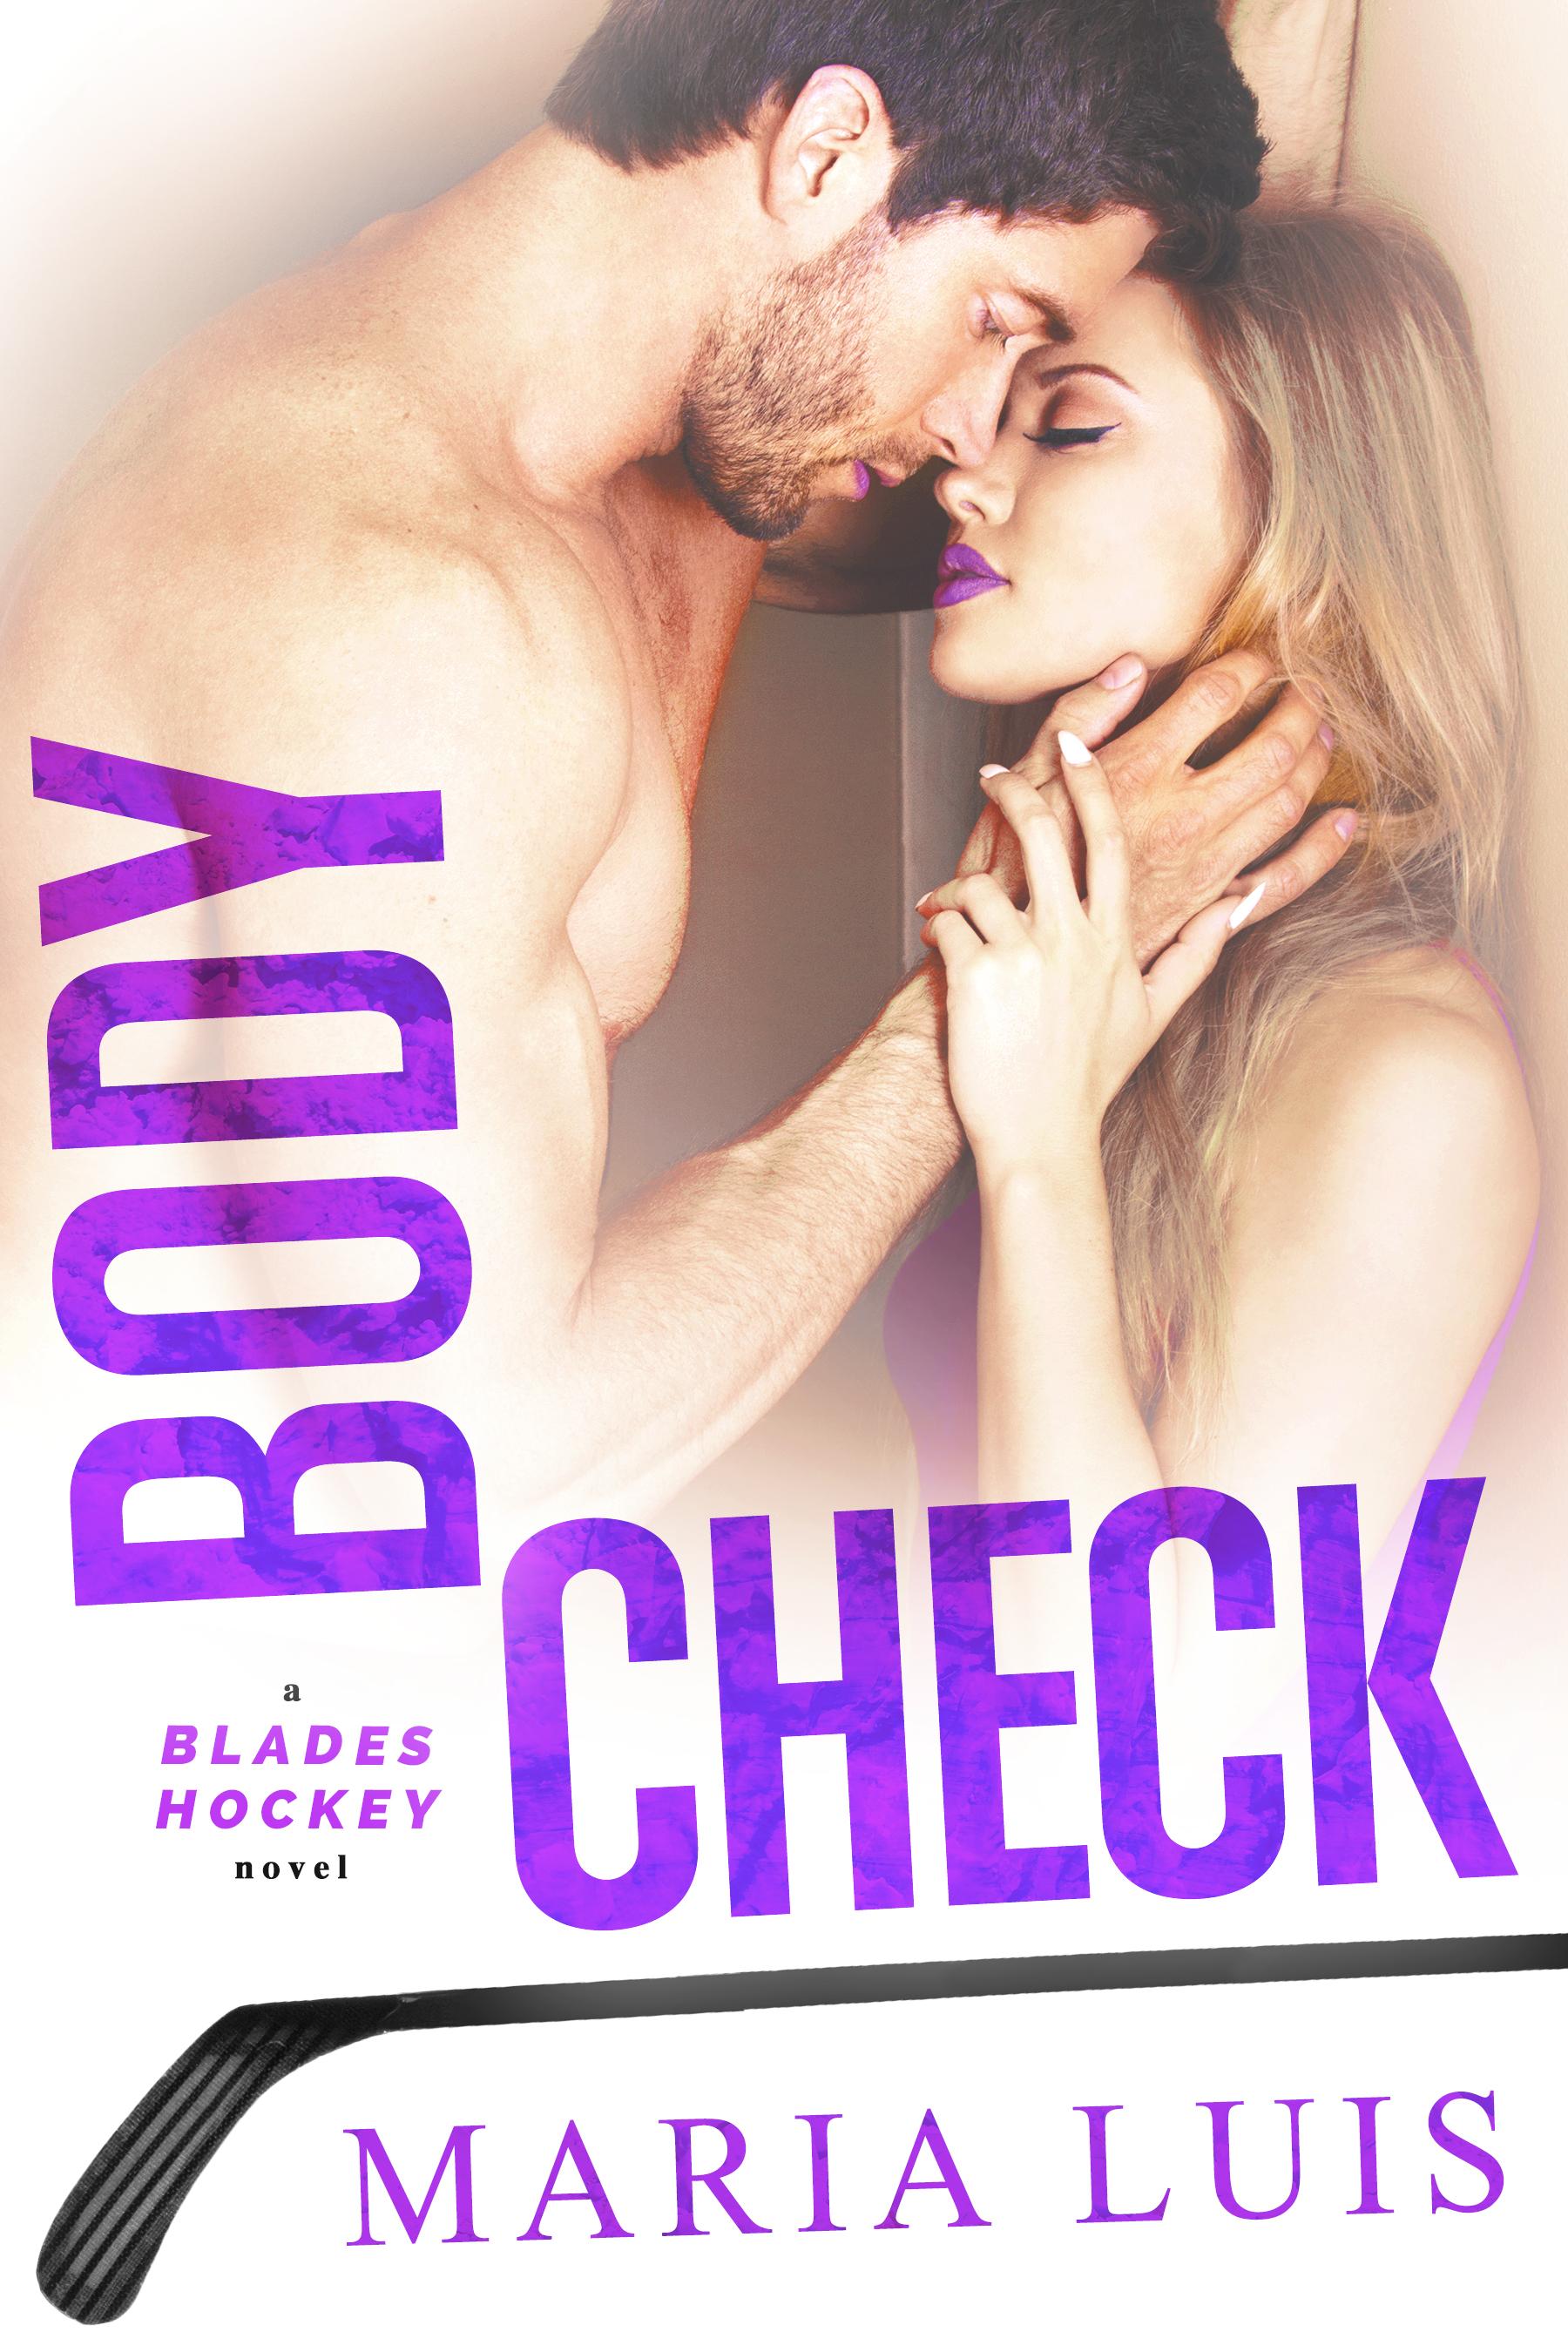 BodyCheck